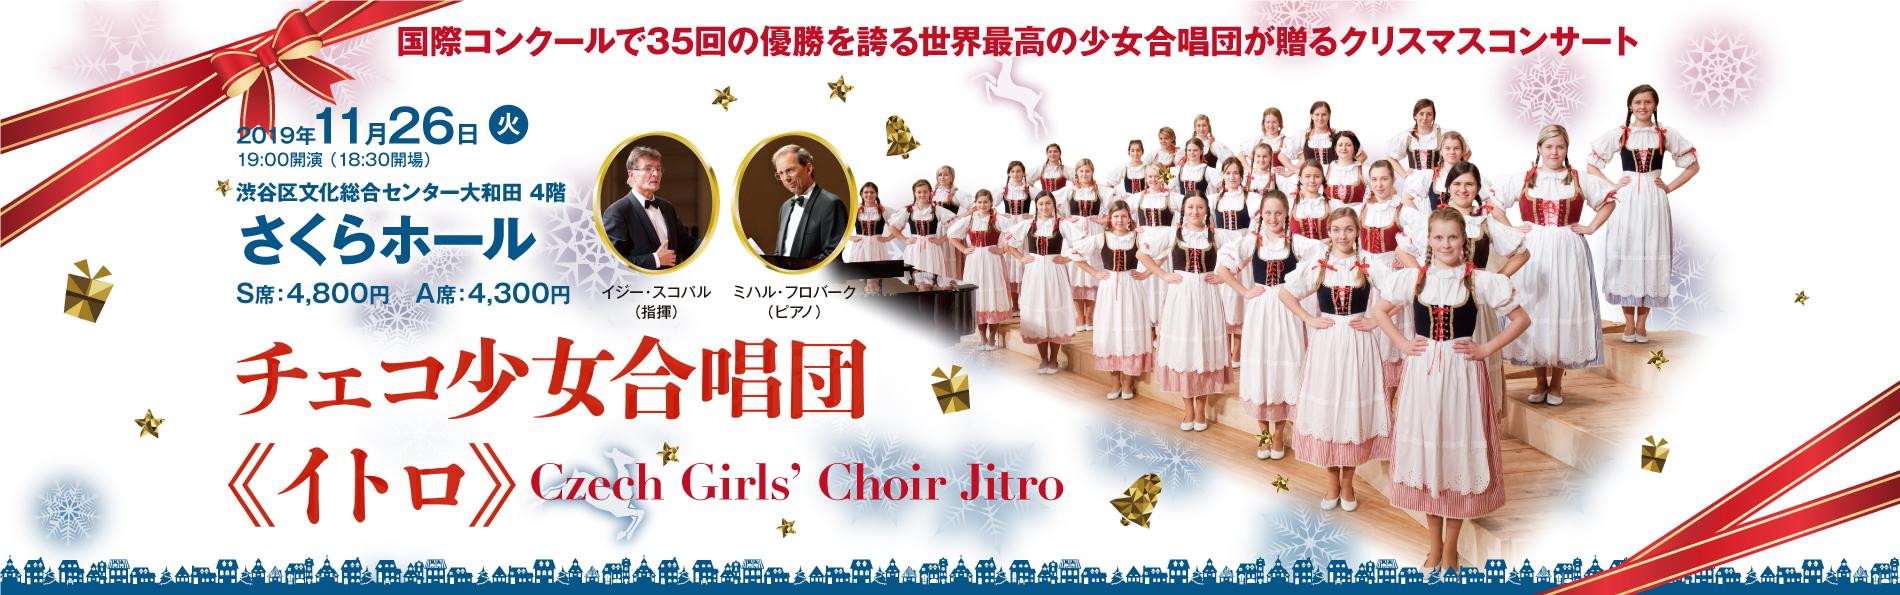 チェコ少女合唱団イトロ